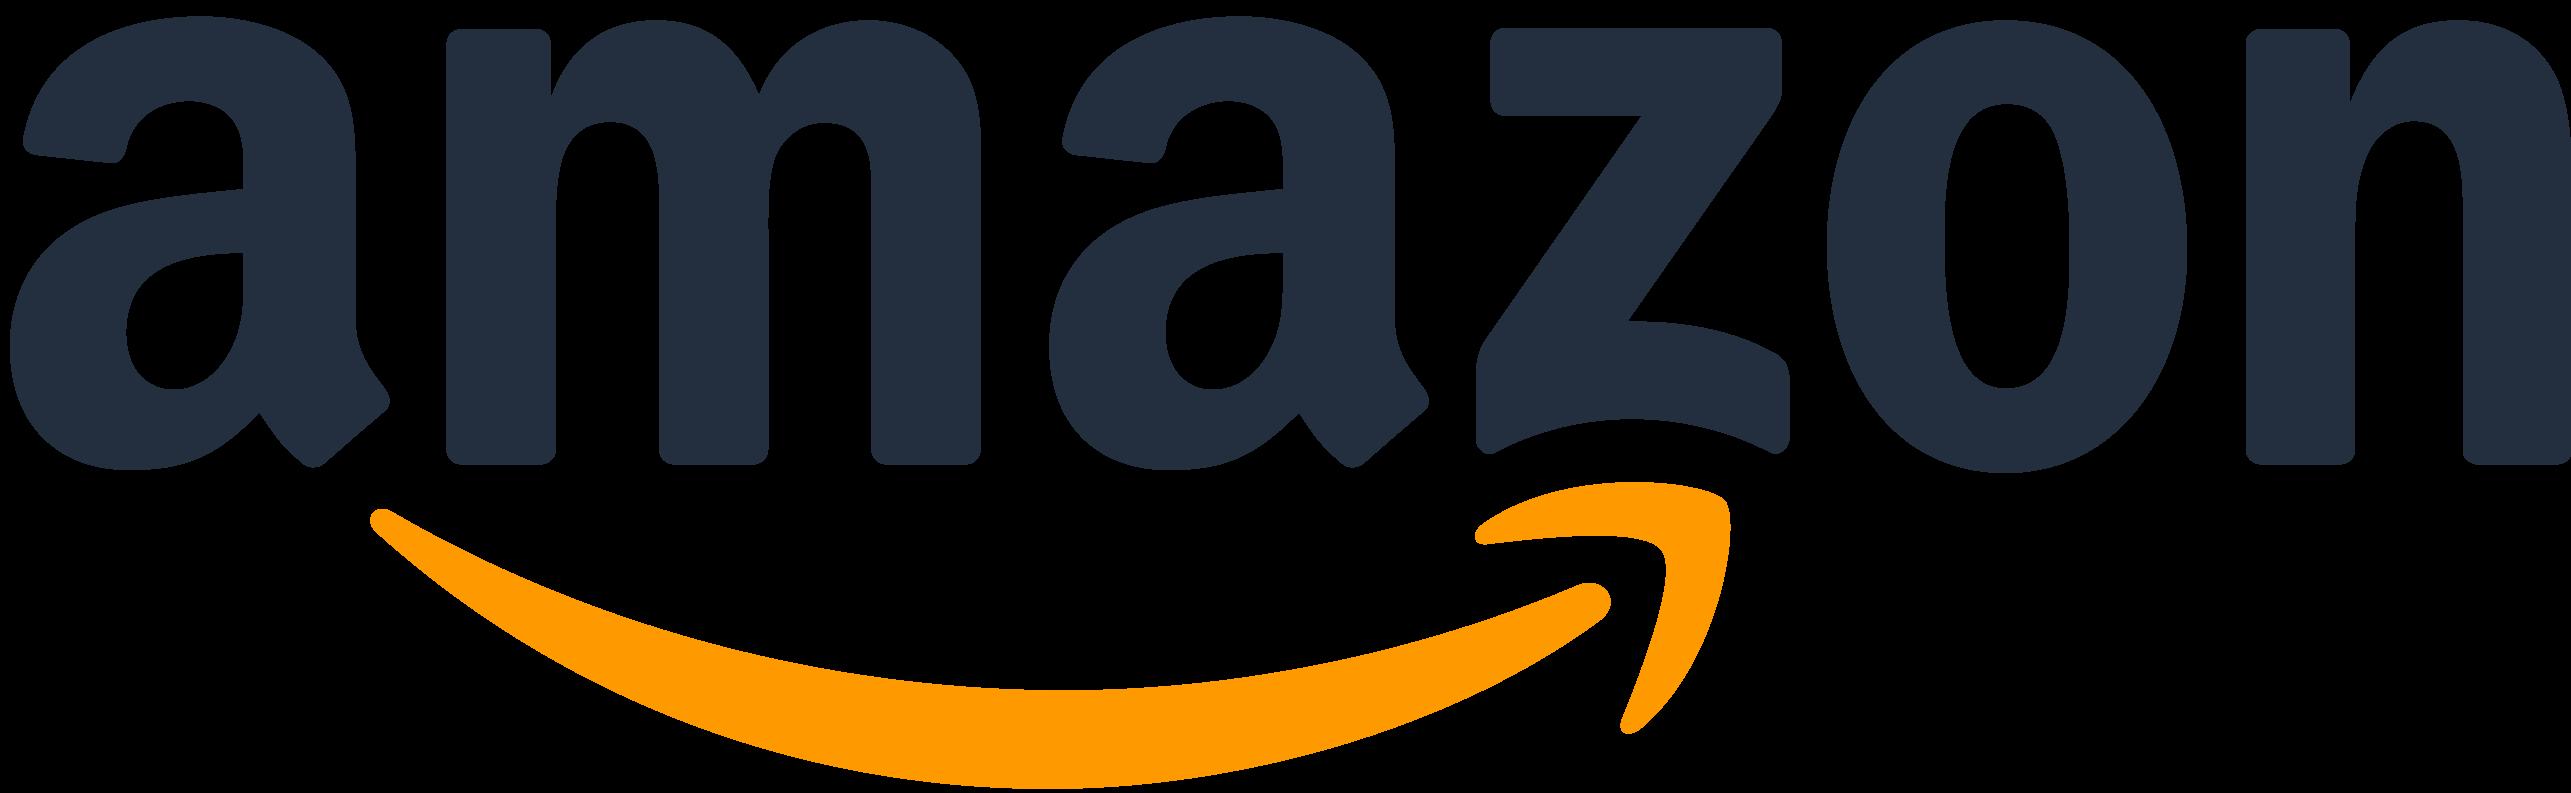 Amazon company logo with orange arrow from a to z.